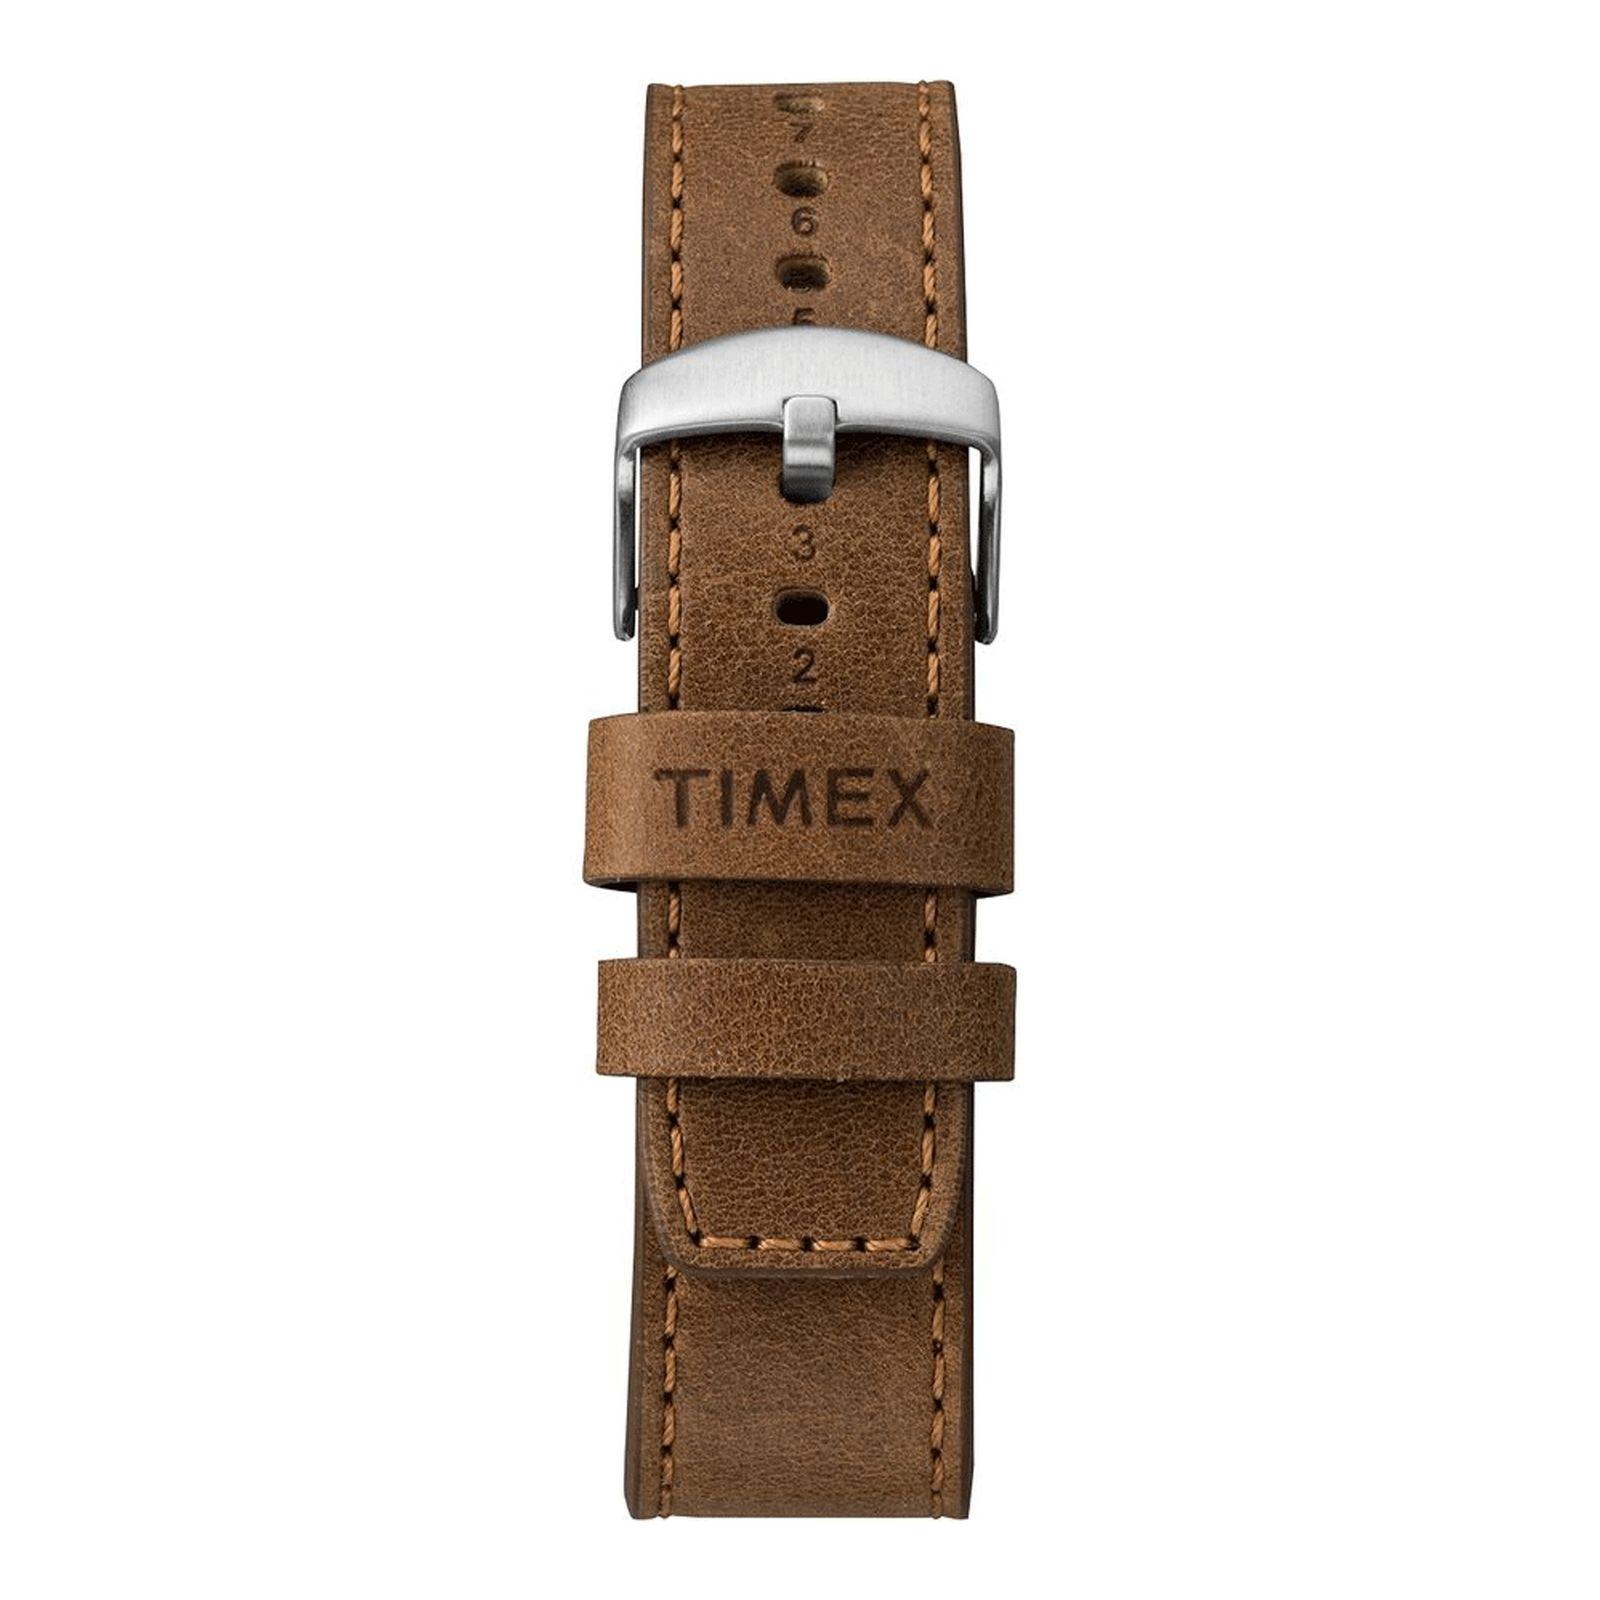 ساعت مچی عقربه ای مردانه تایمکس مدل TW2R70900 -  - 3